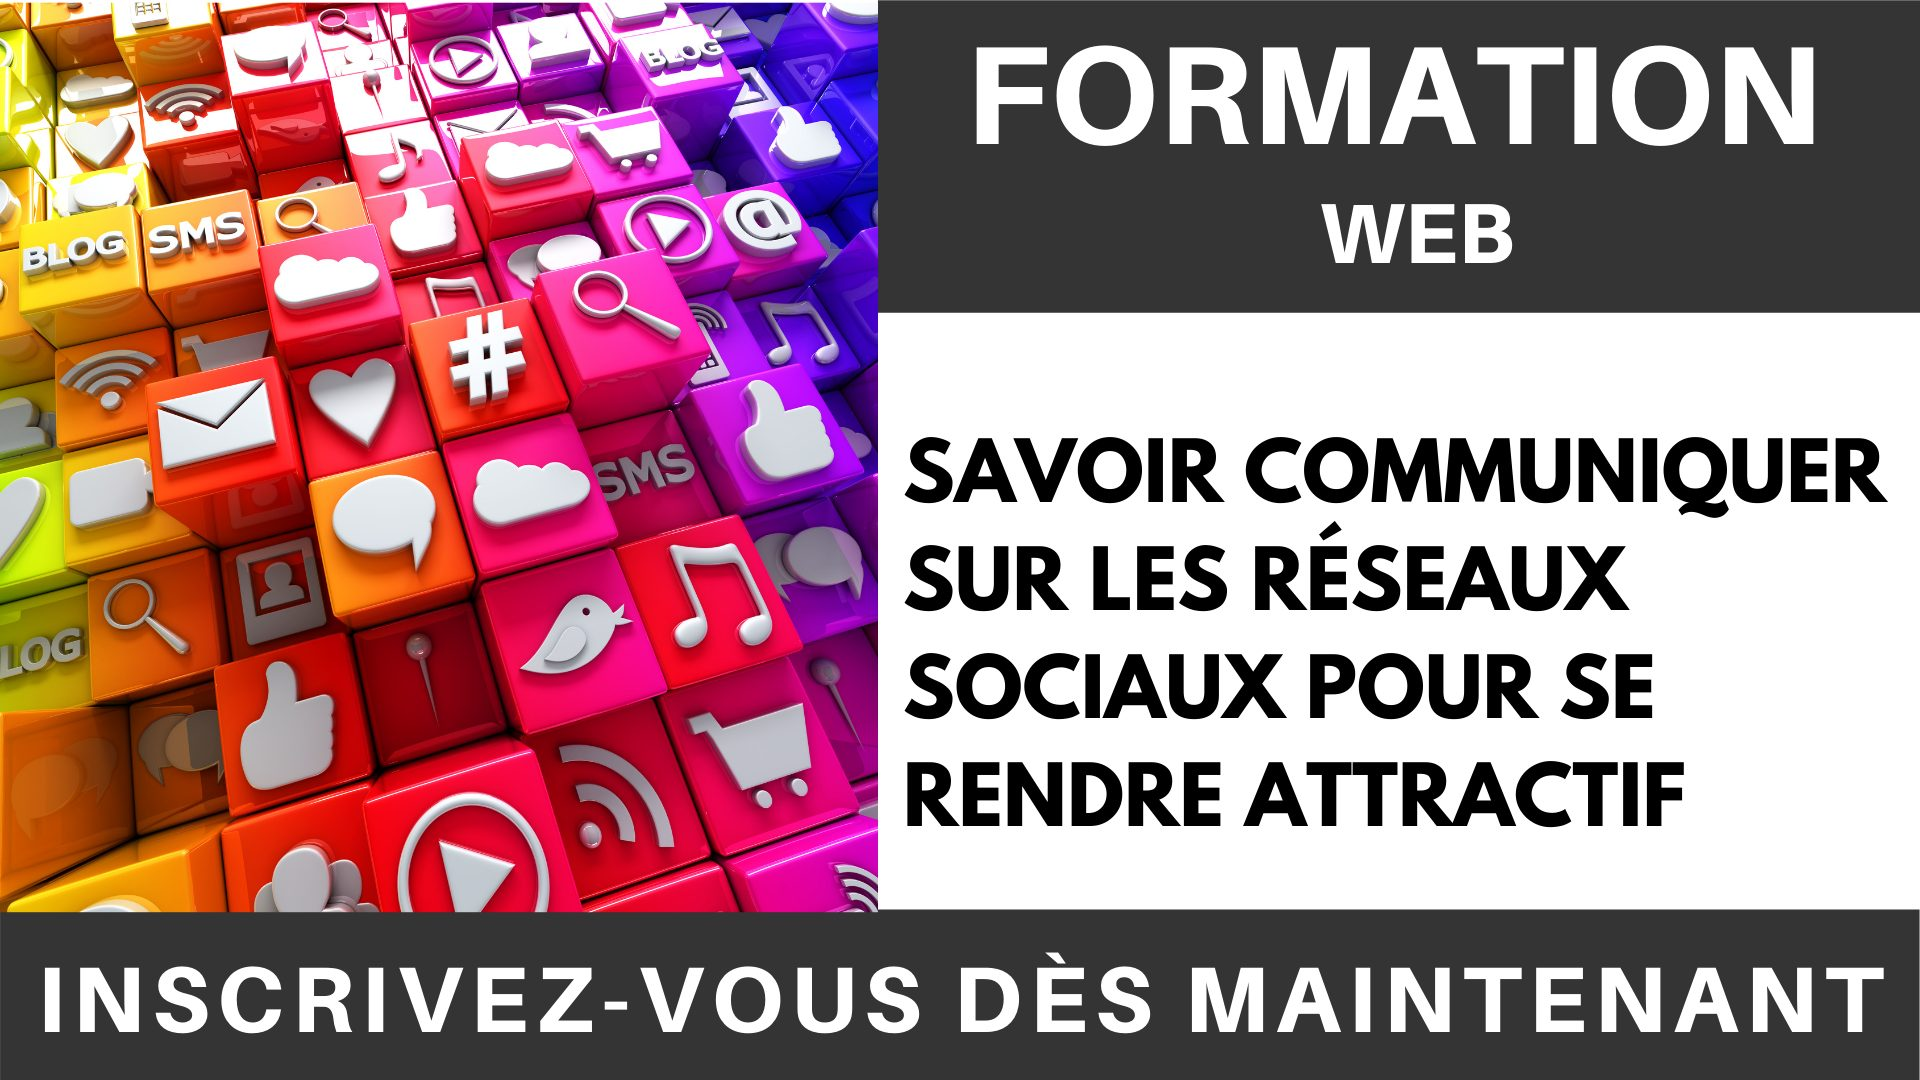 Formation WEB - Communiquer sur les réseaux sociaux